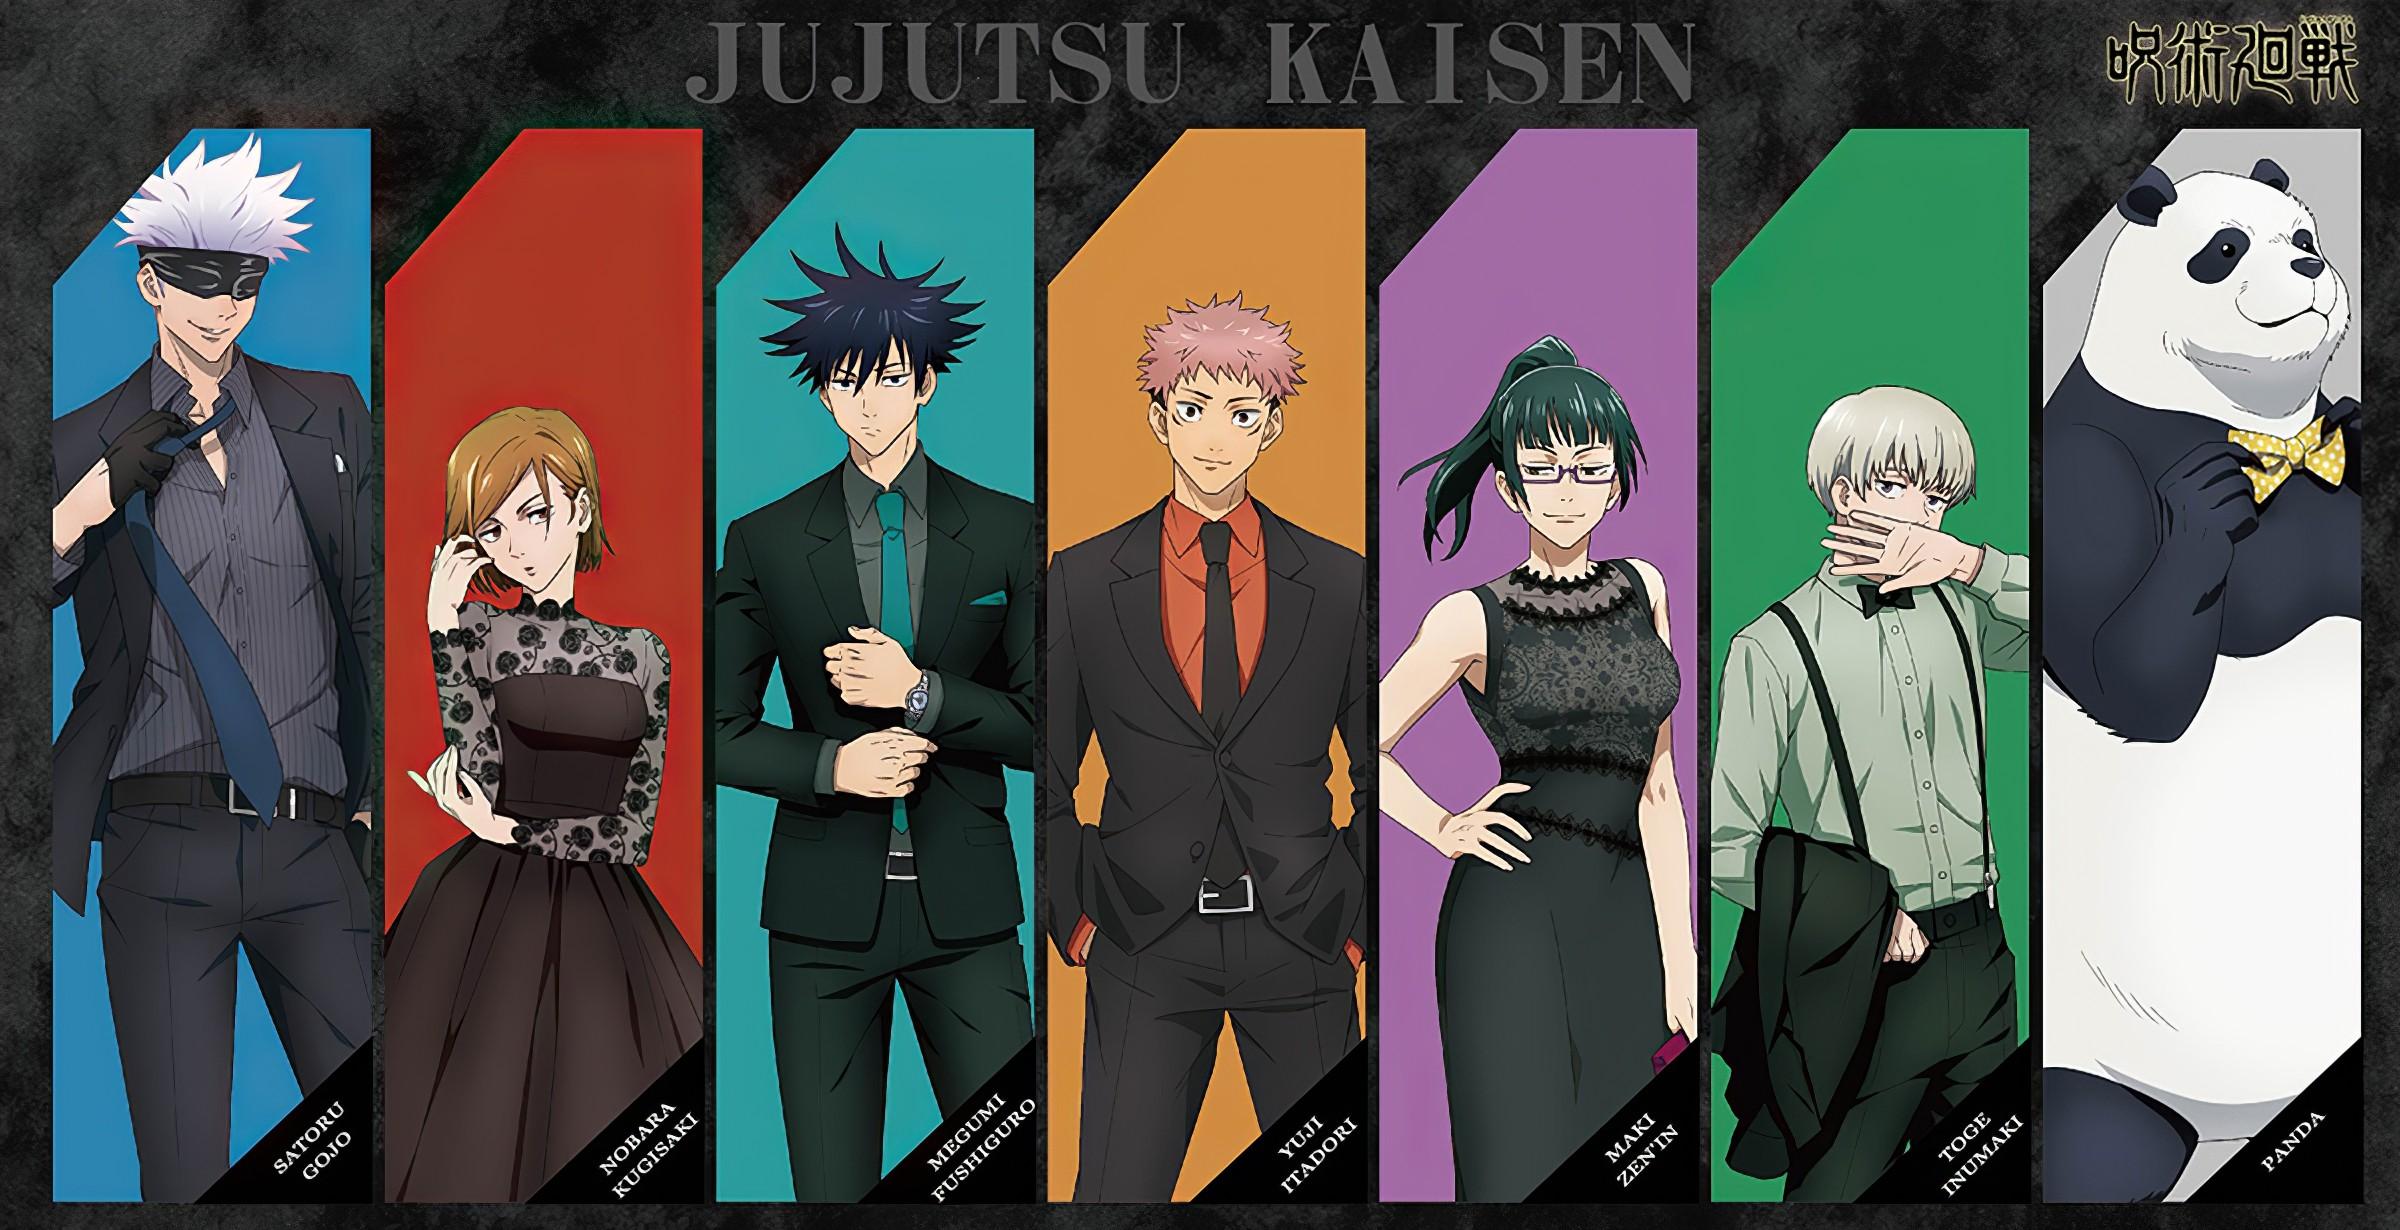 Jujutsu Kaisen: Los personajes se visten de gala para una colaboración -  Mundo Shu Ouma